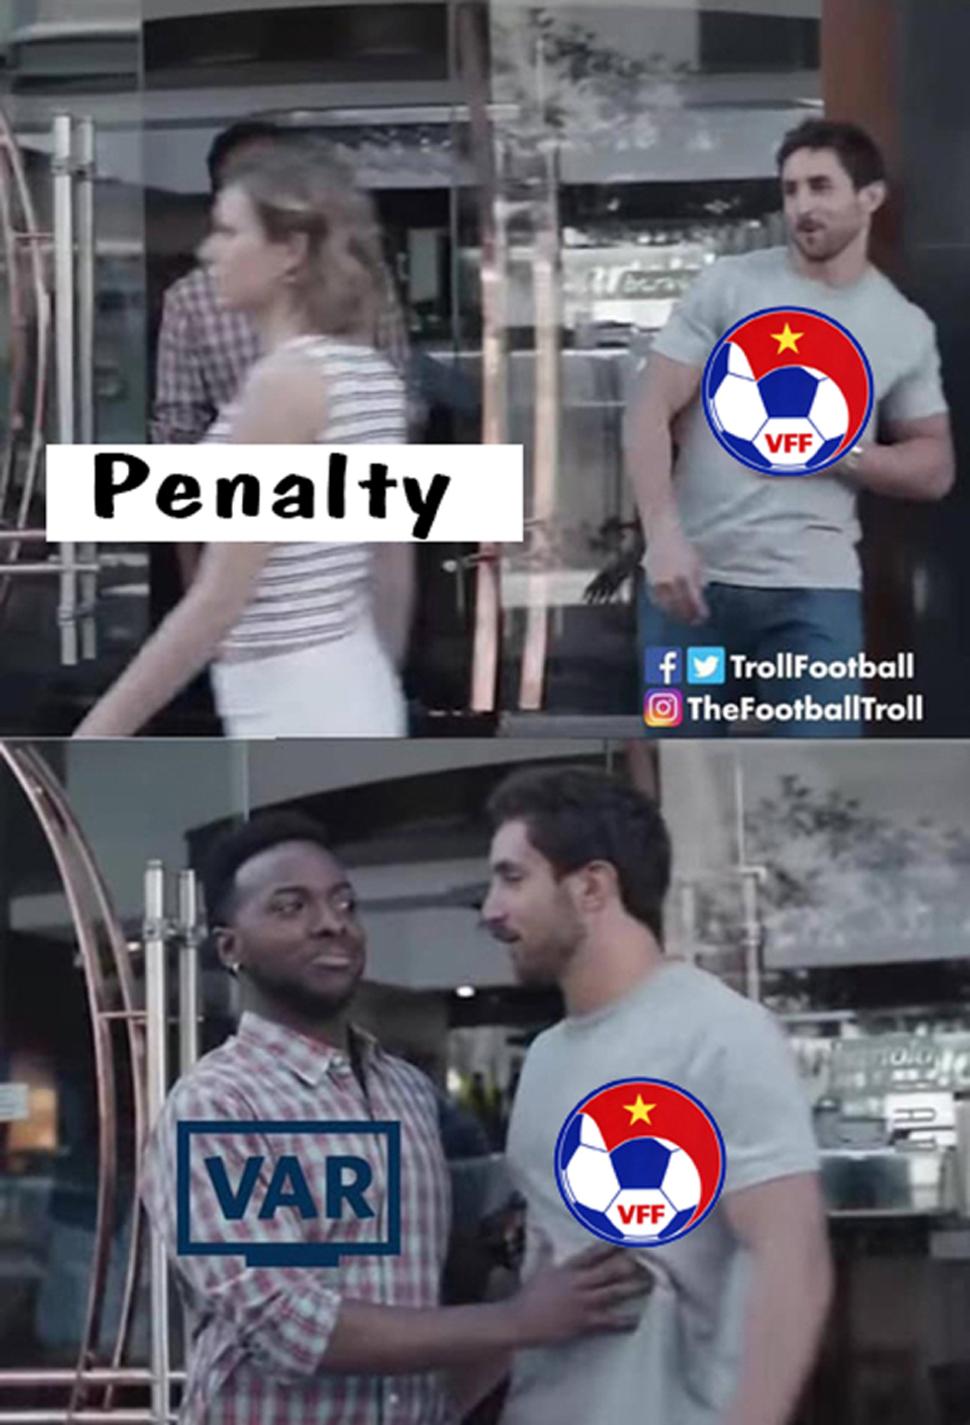 Các cầu thủ Việt Nam đòi penalty khi ngã trong vòng cầm nhưng lại gặp VAR.